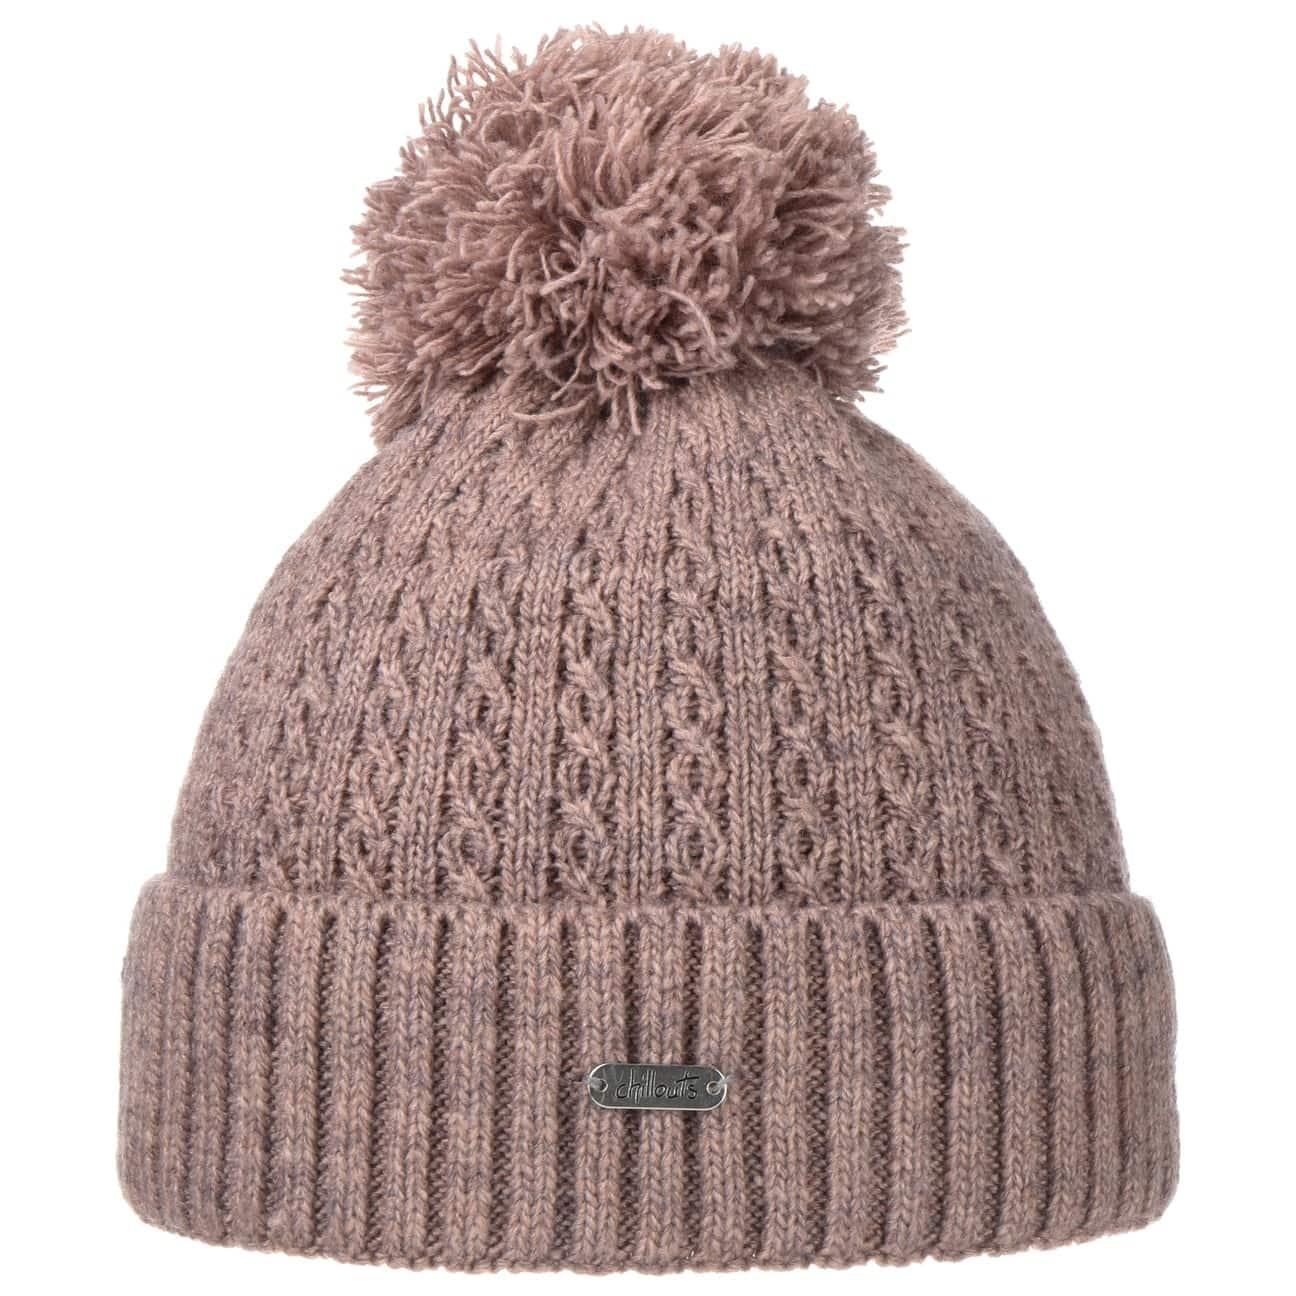 Bonnet à Pompon Estephania by Chillouts  bonnet en tricot